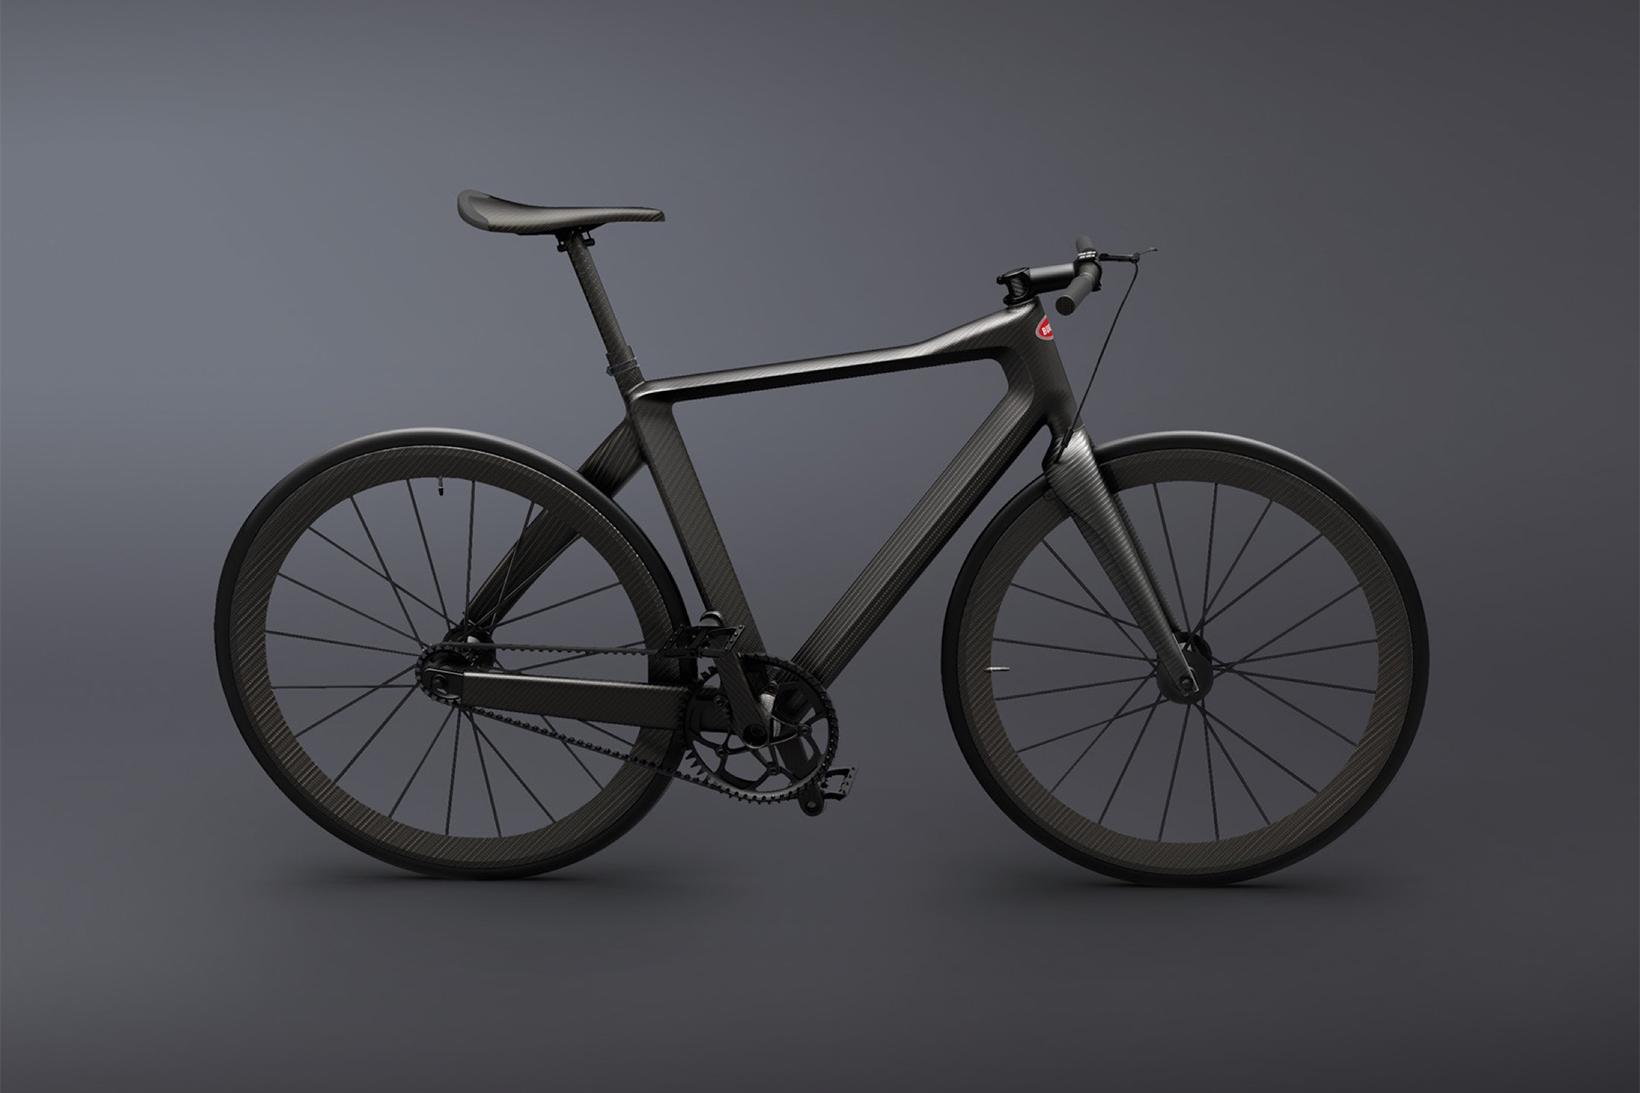 PG Bugatti Bike - 3762174